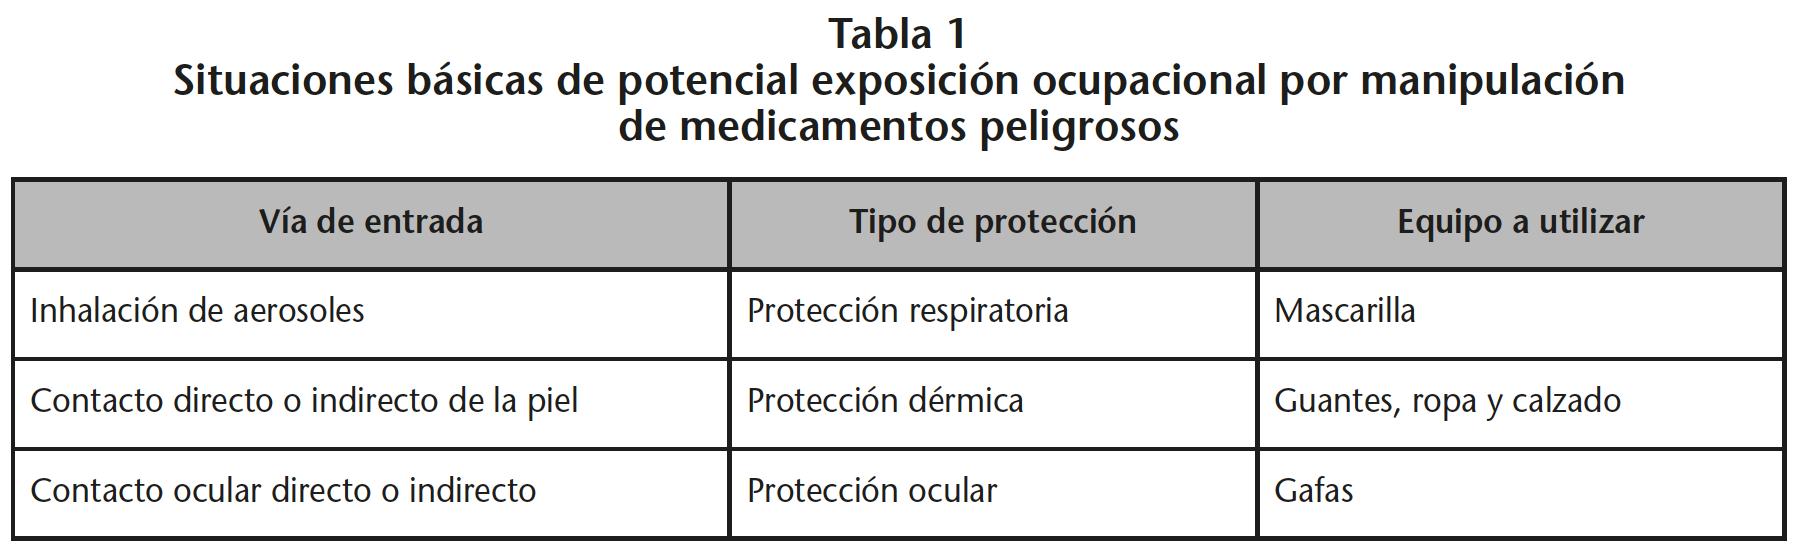 No todas las actividades presentan el mismo riesgo de exposición, siendo  necesario conocer no solo la naturaleza de la exposición, sino también su  magnitud. 56e12181a2